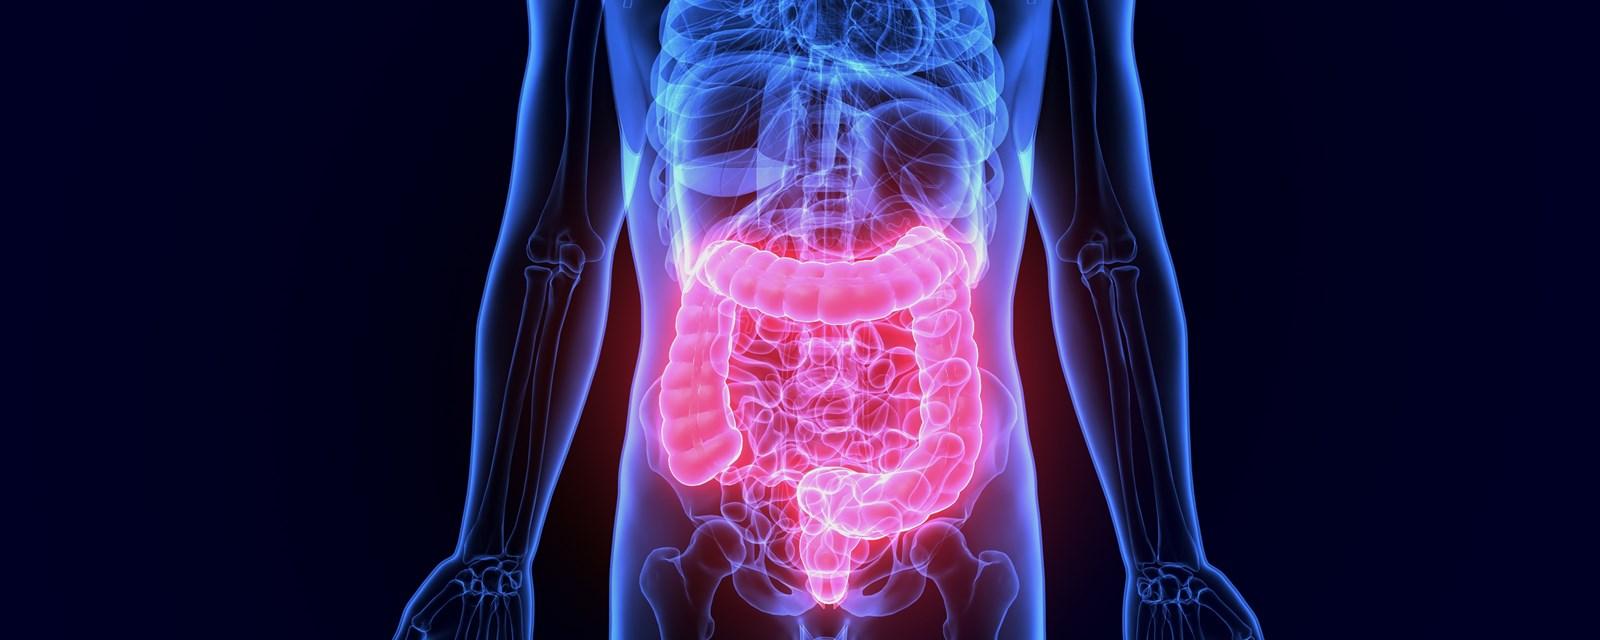 Ilustração em 3D de um corpo humano em raio X, com destaque para o intestino grosso.